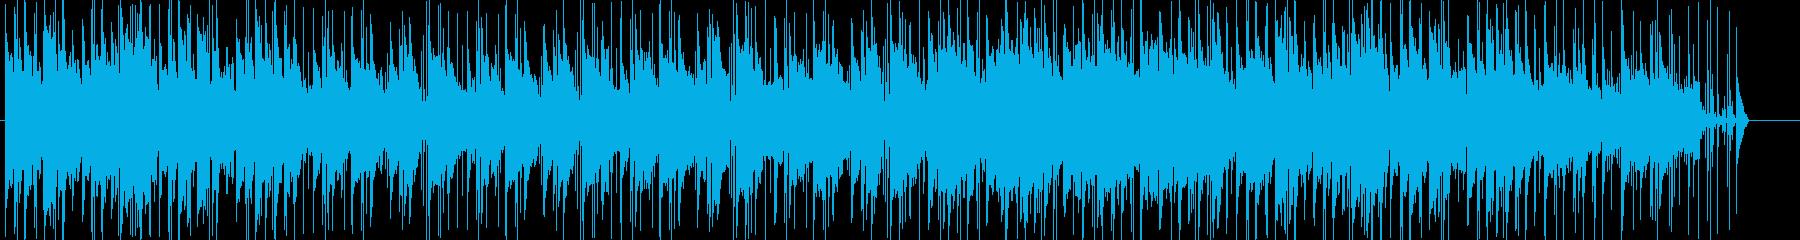 いきいきとしたスローなポップの再生済みの波形